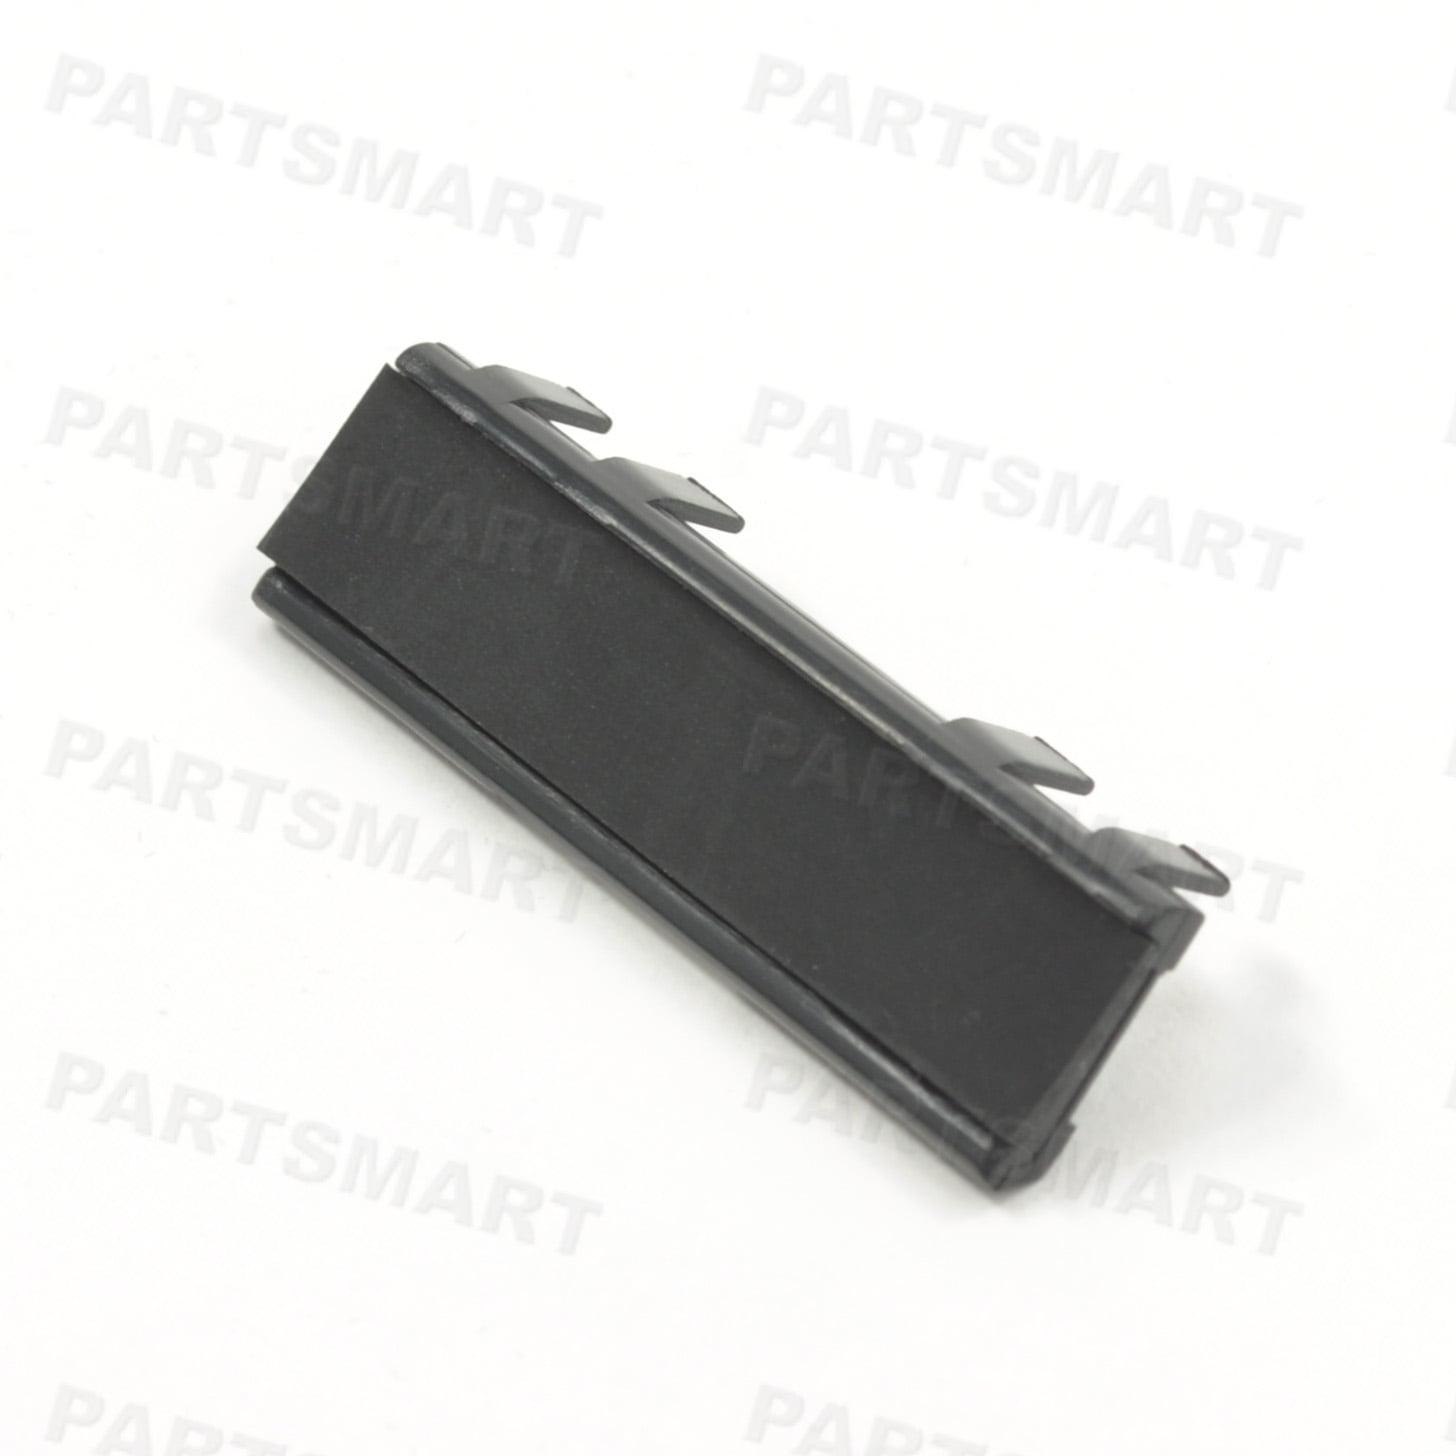 HP LaserJet M401 P2035 P2055 Separation Pad Tray-1 RL1-2115 AFTERMARKET